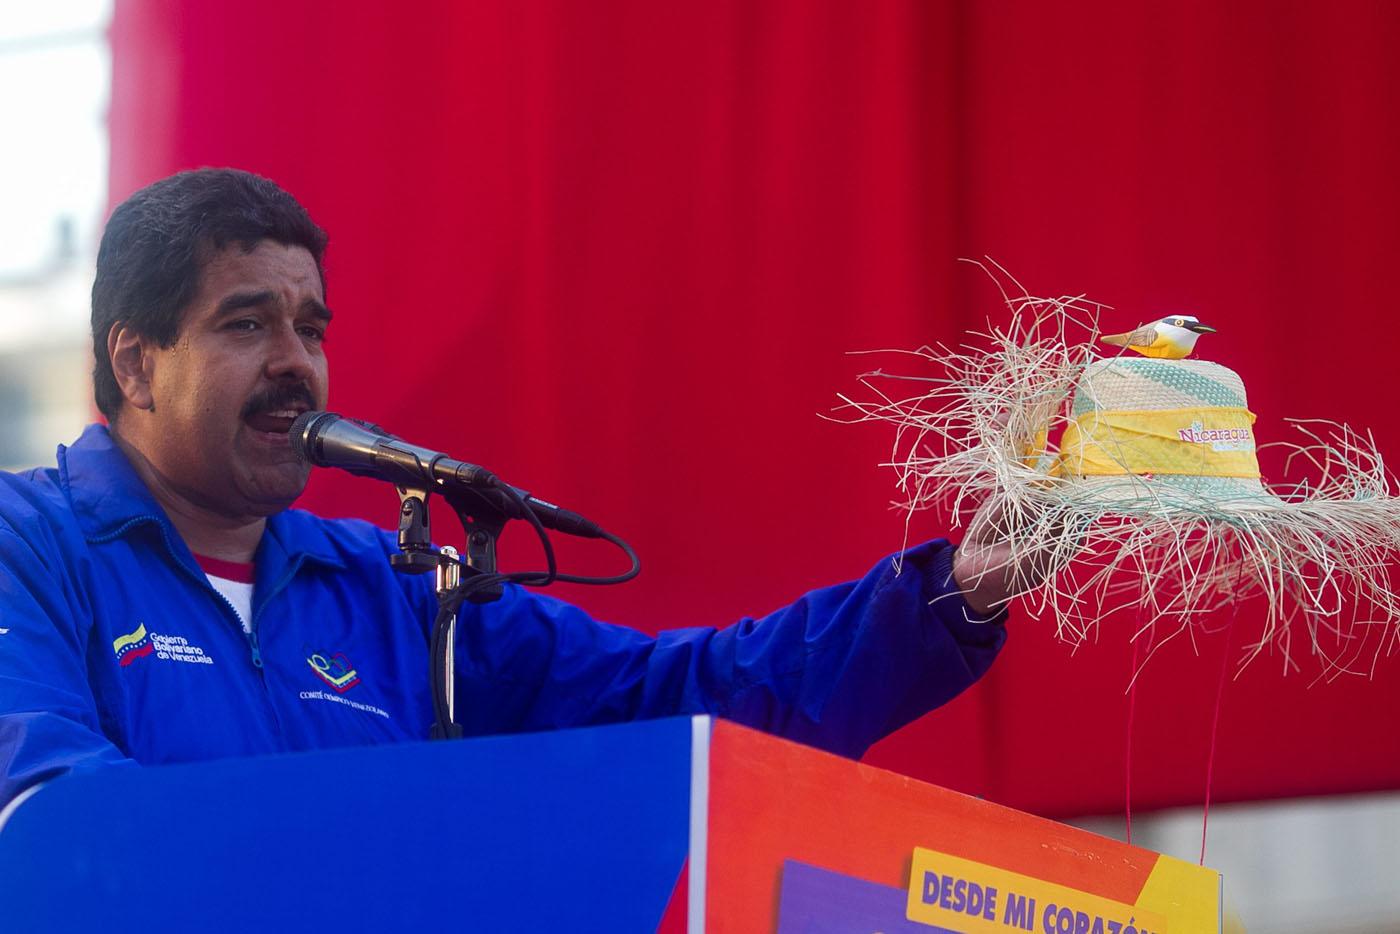 CAMPAÑA ELECTORAL DEL PRESIDENTE ENCARGADO DE VENEZUELA, NICOLÁS MADURO